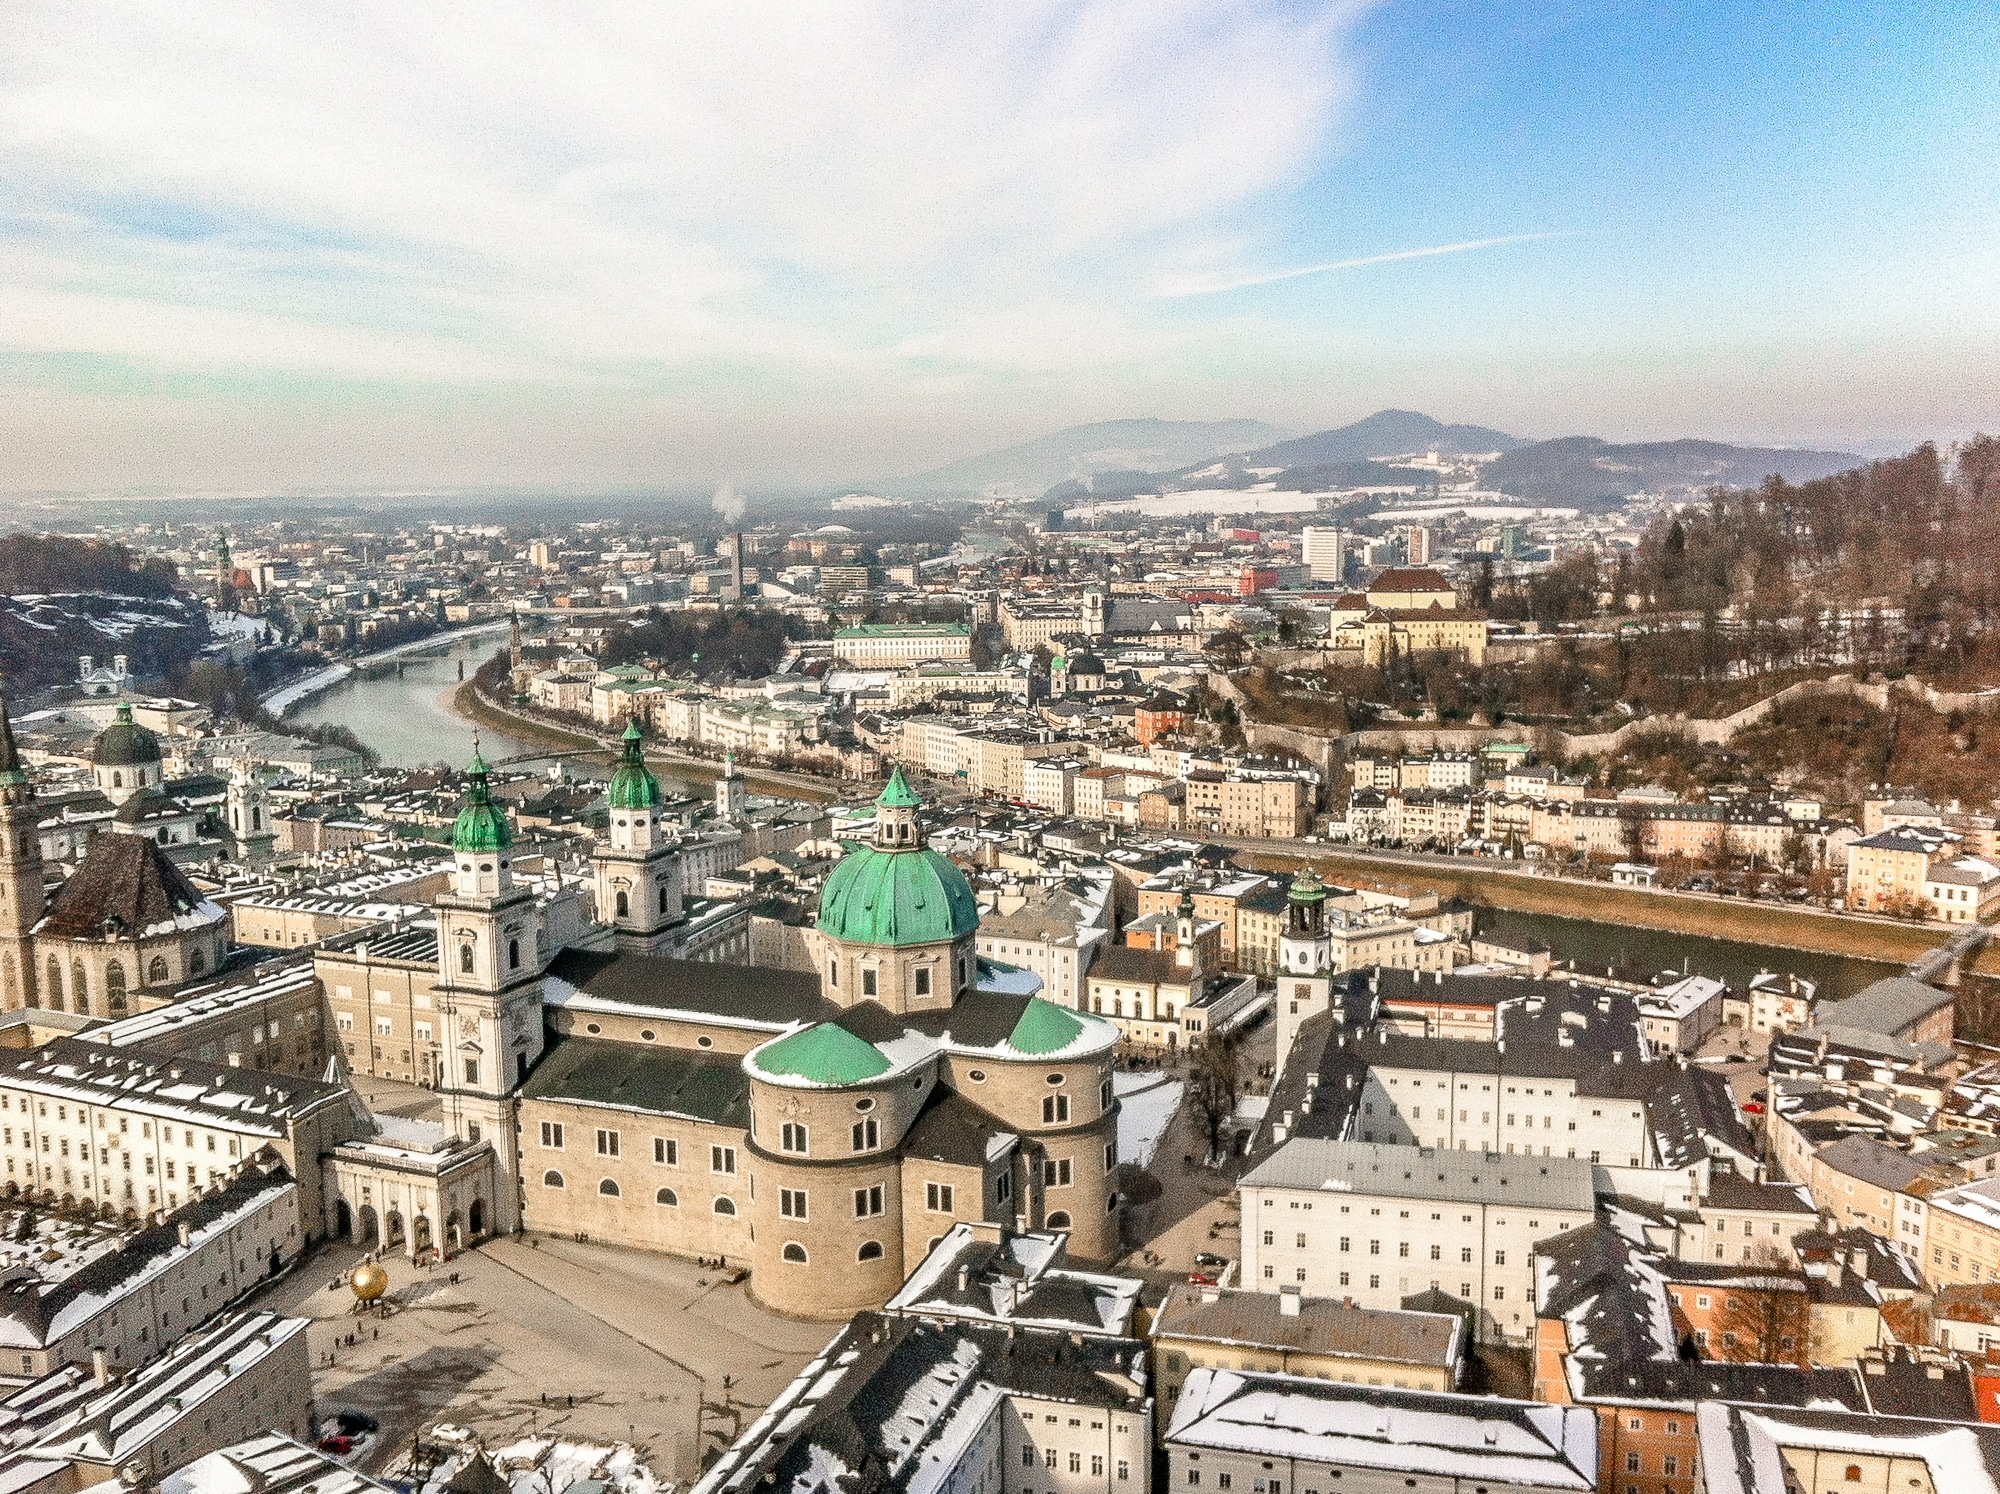 Historische Altstadt in Salzburg